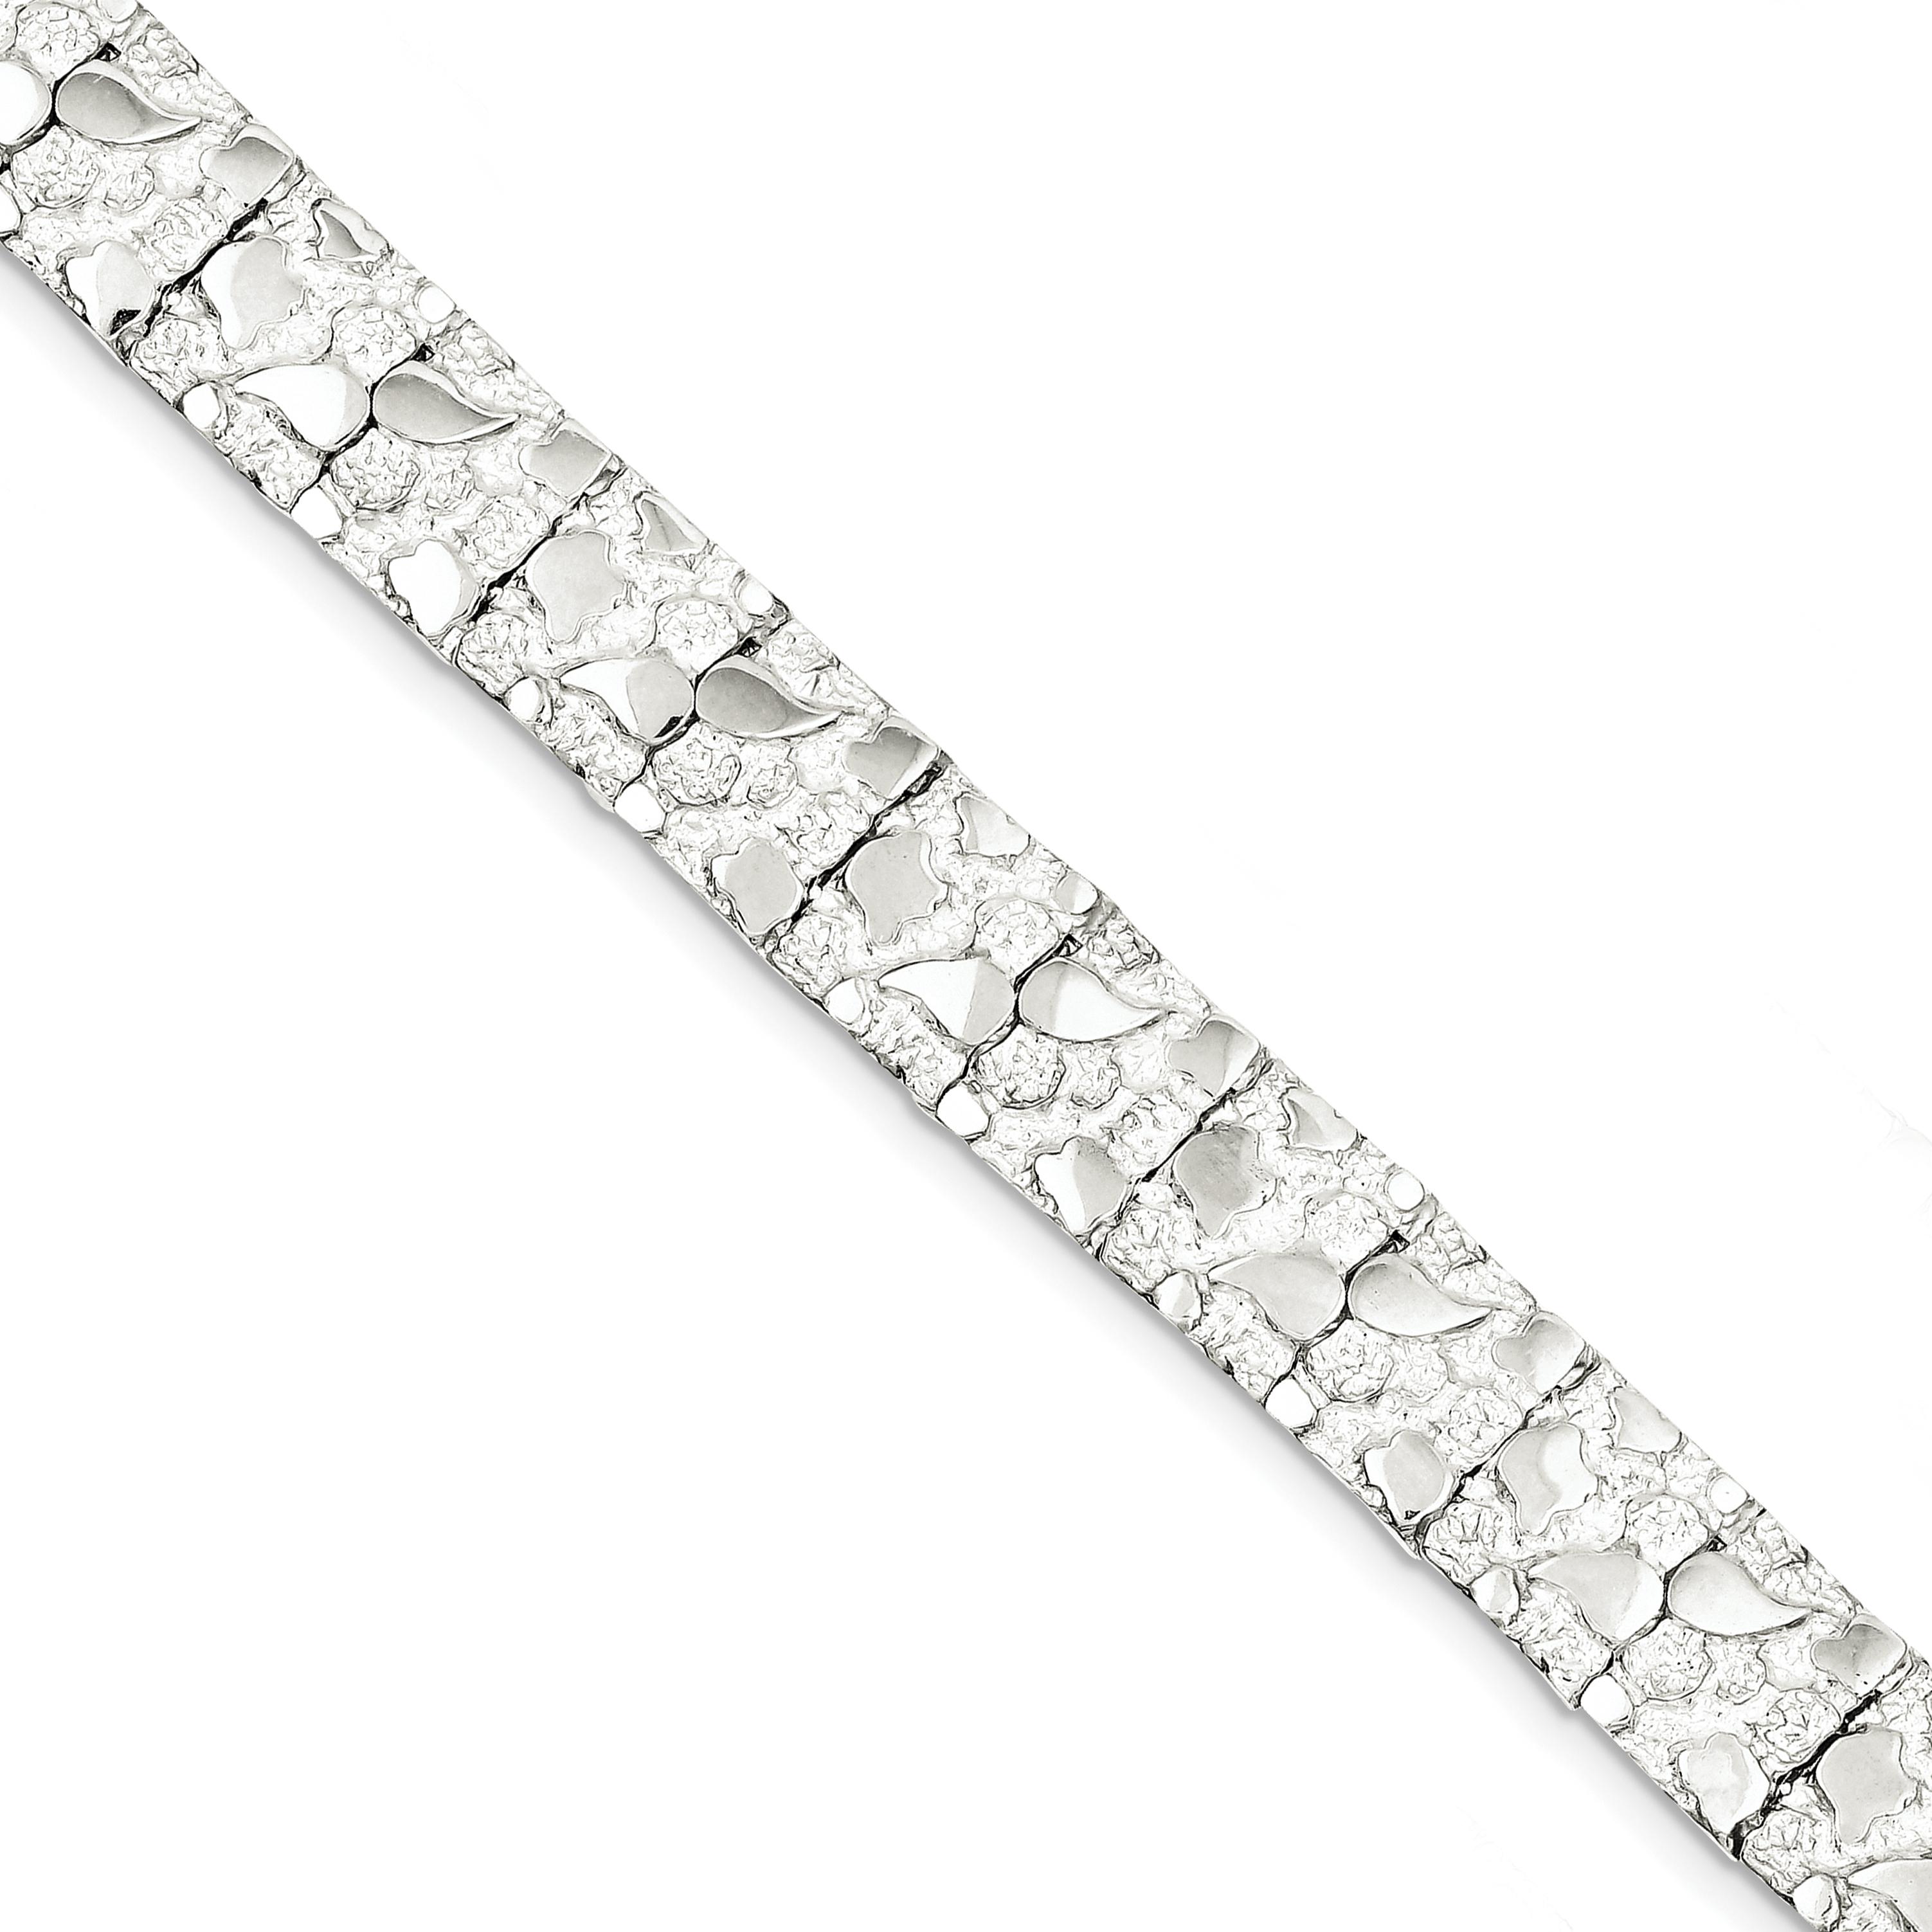 Sterling Silver Nugget Bracelet